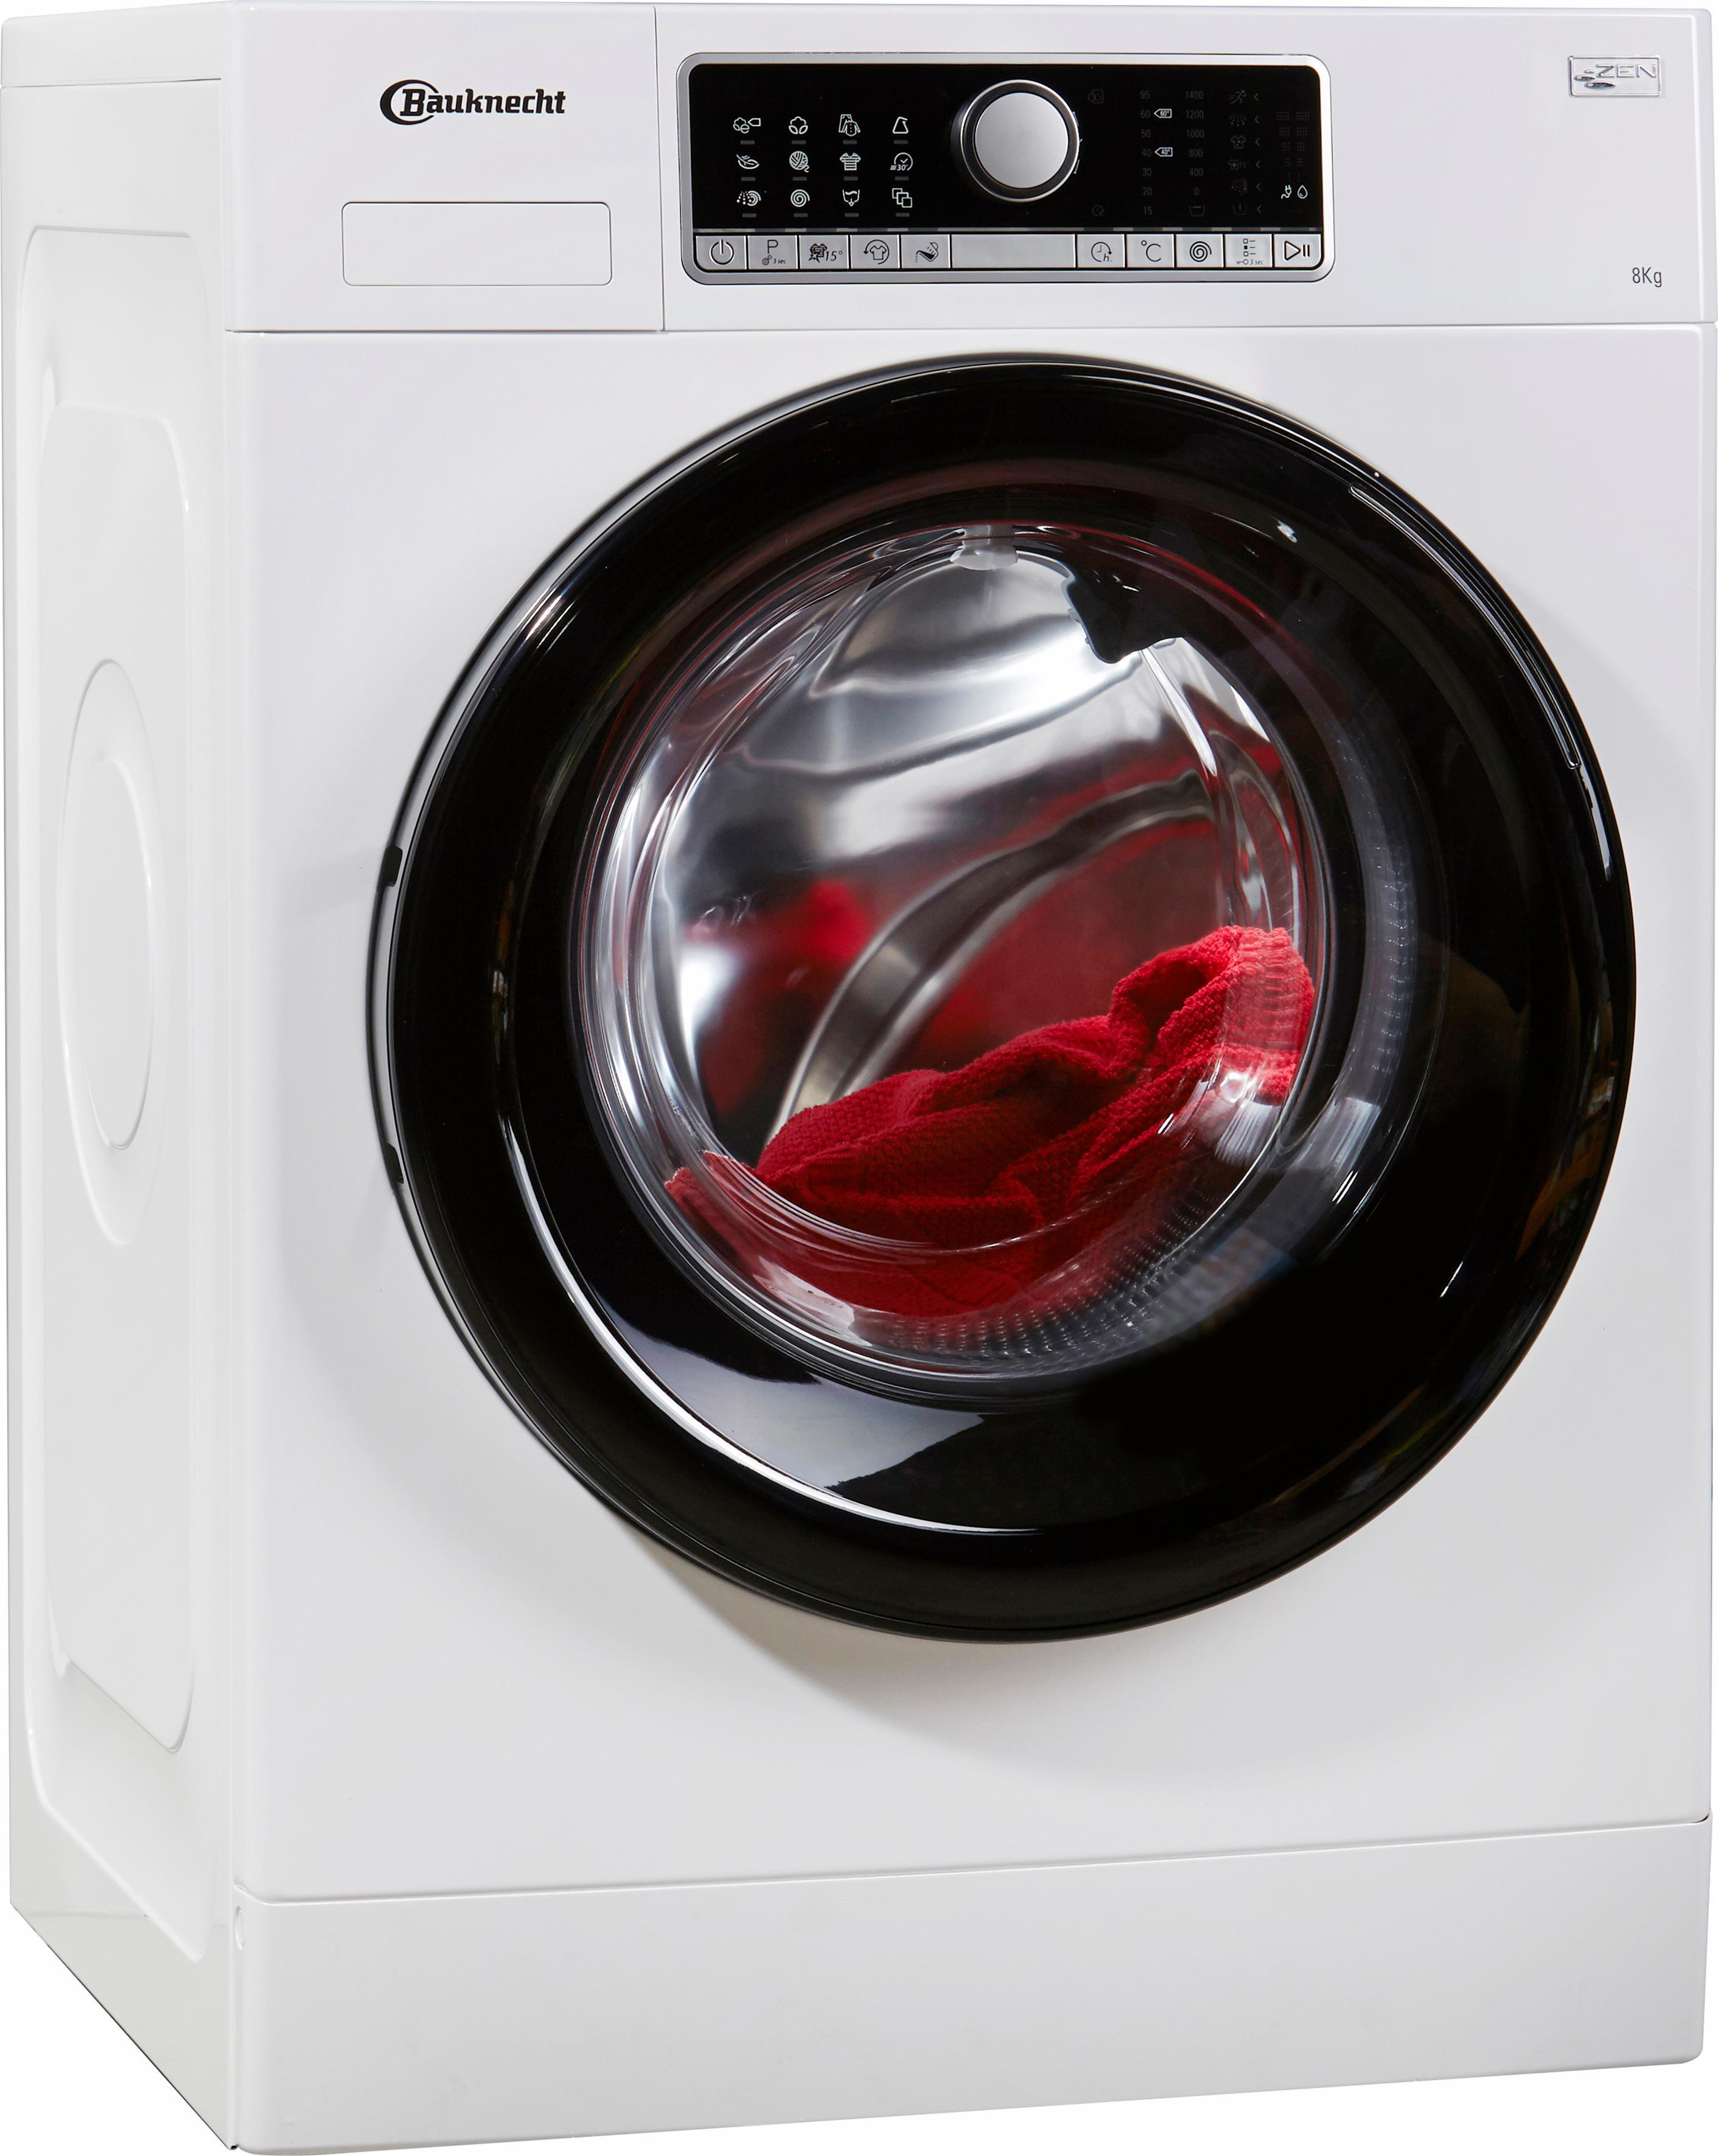 BAUKNECHT Waschmaschine WM Style 824 ZEN   Bad > Waschmaschinen und Trockner > Frontlader   Weiß   Bauknecht